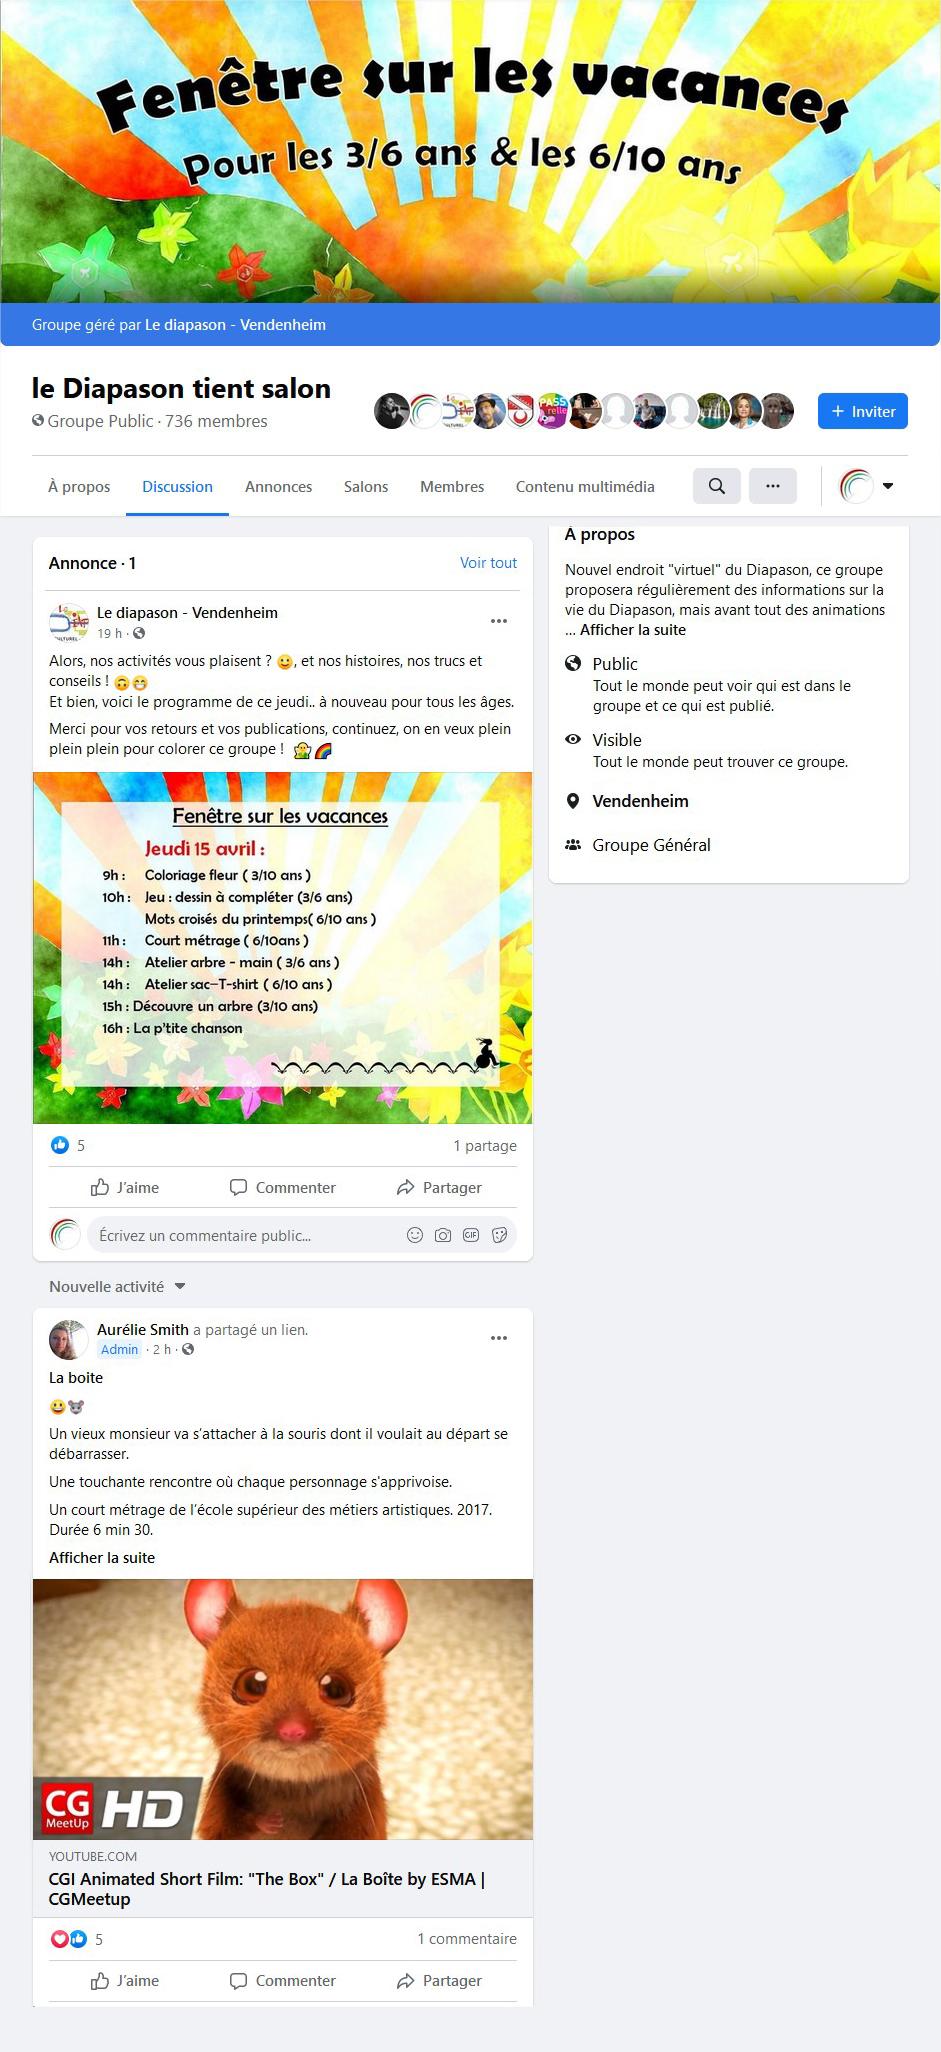 le Diapason tient salon  Facebook